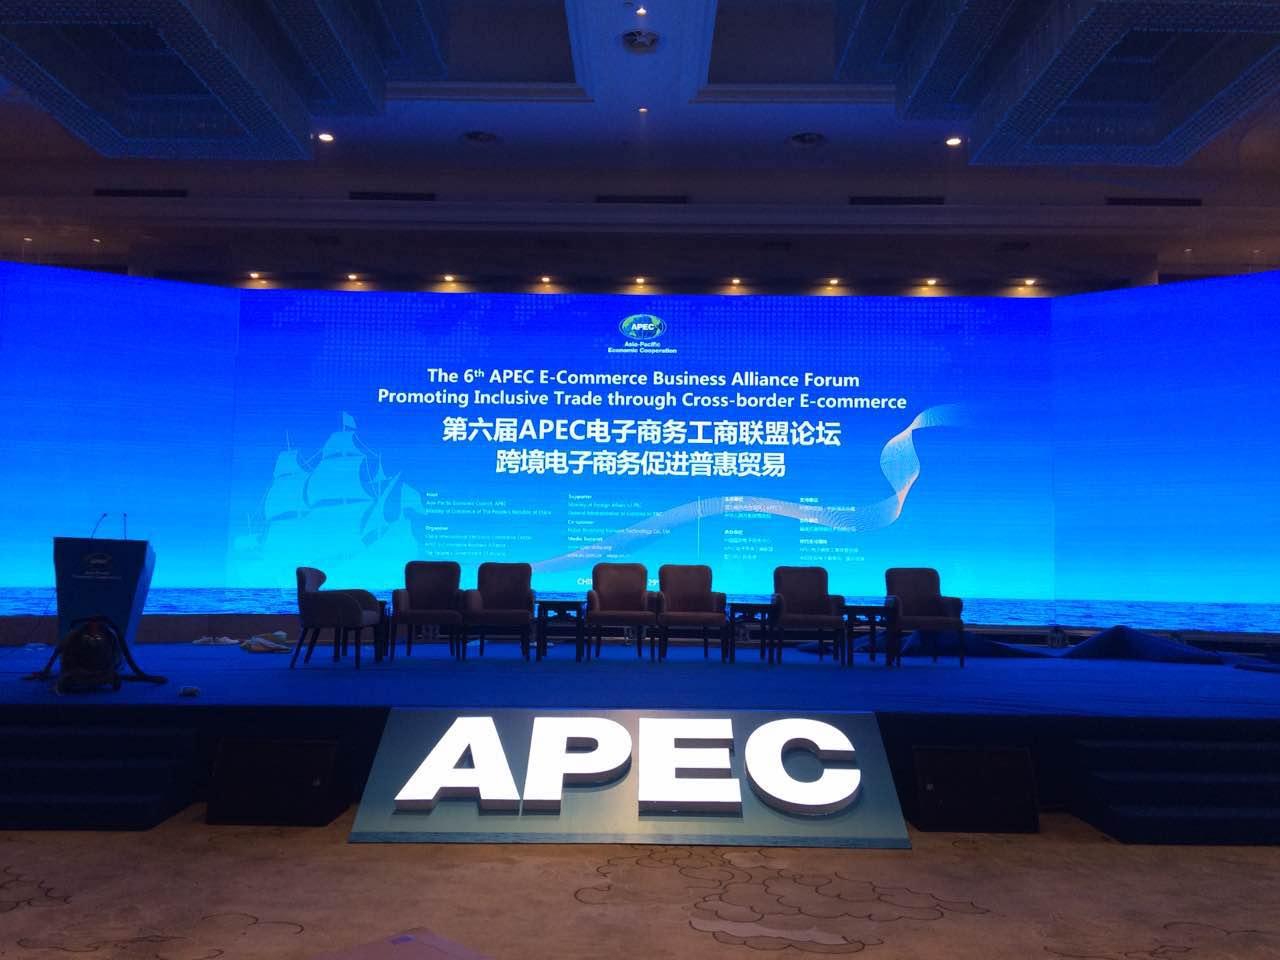 【晋江新闻网】第六届APEC电子商务工商联盟论坛大幕即将在晋江拉开